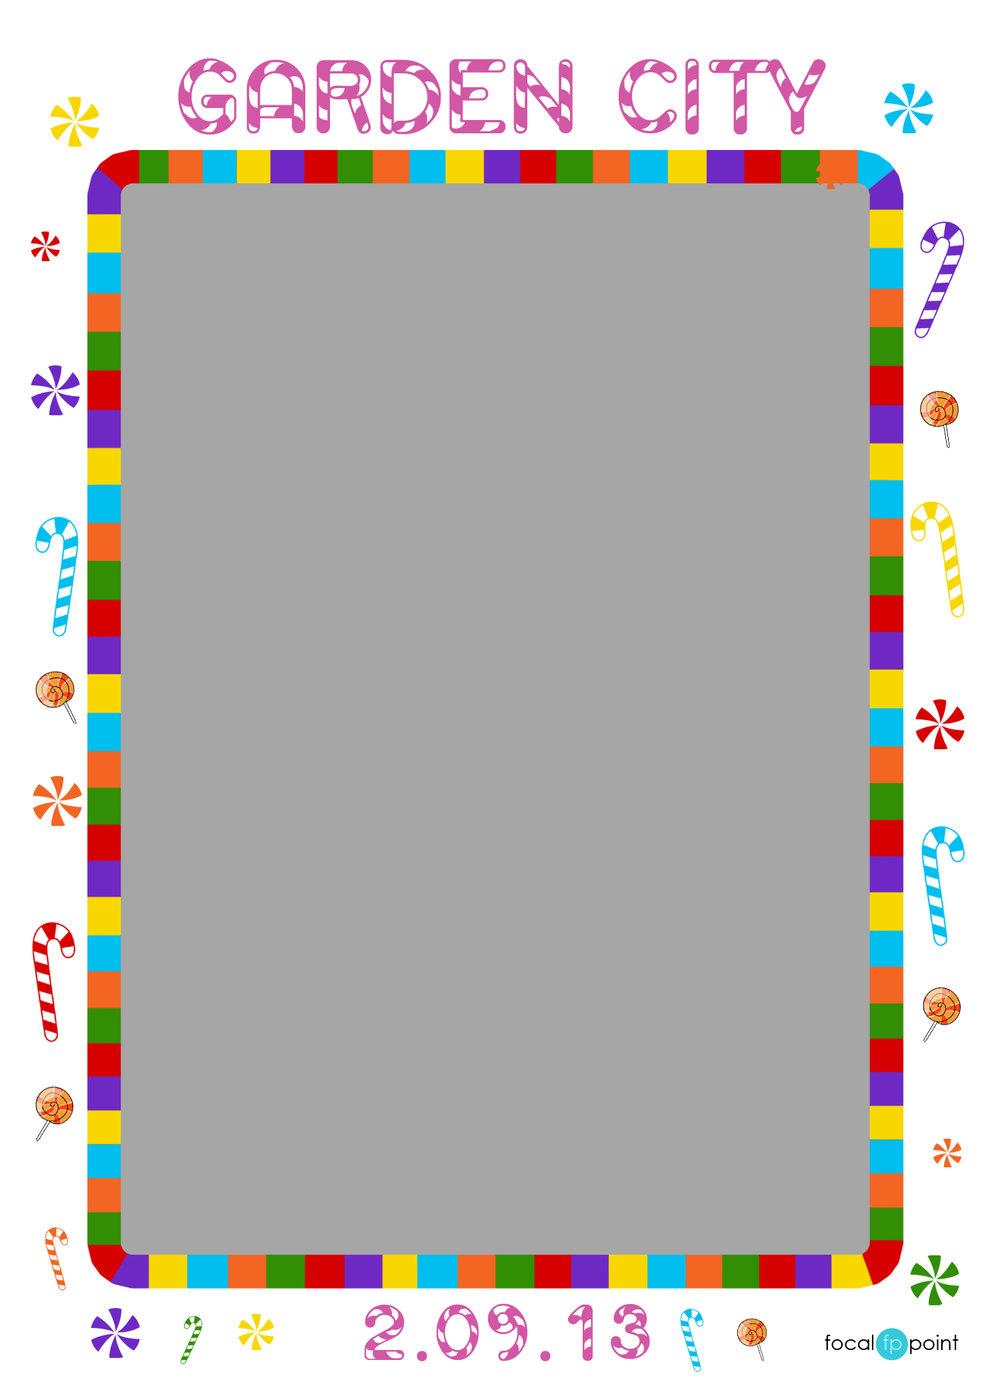 border_candyland_1_V copy.jpg